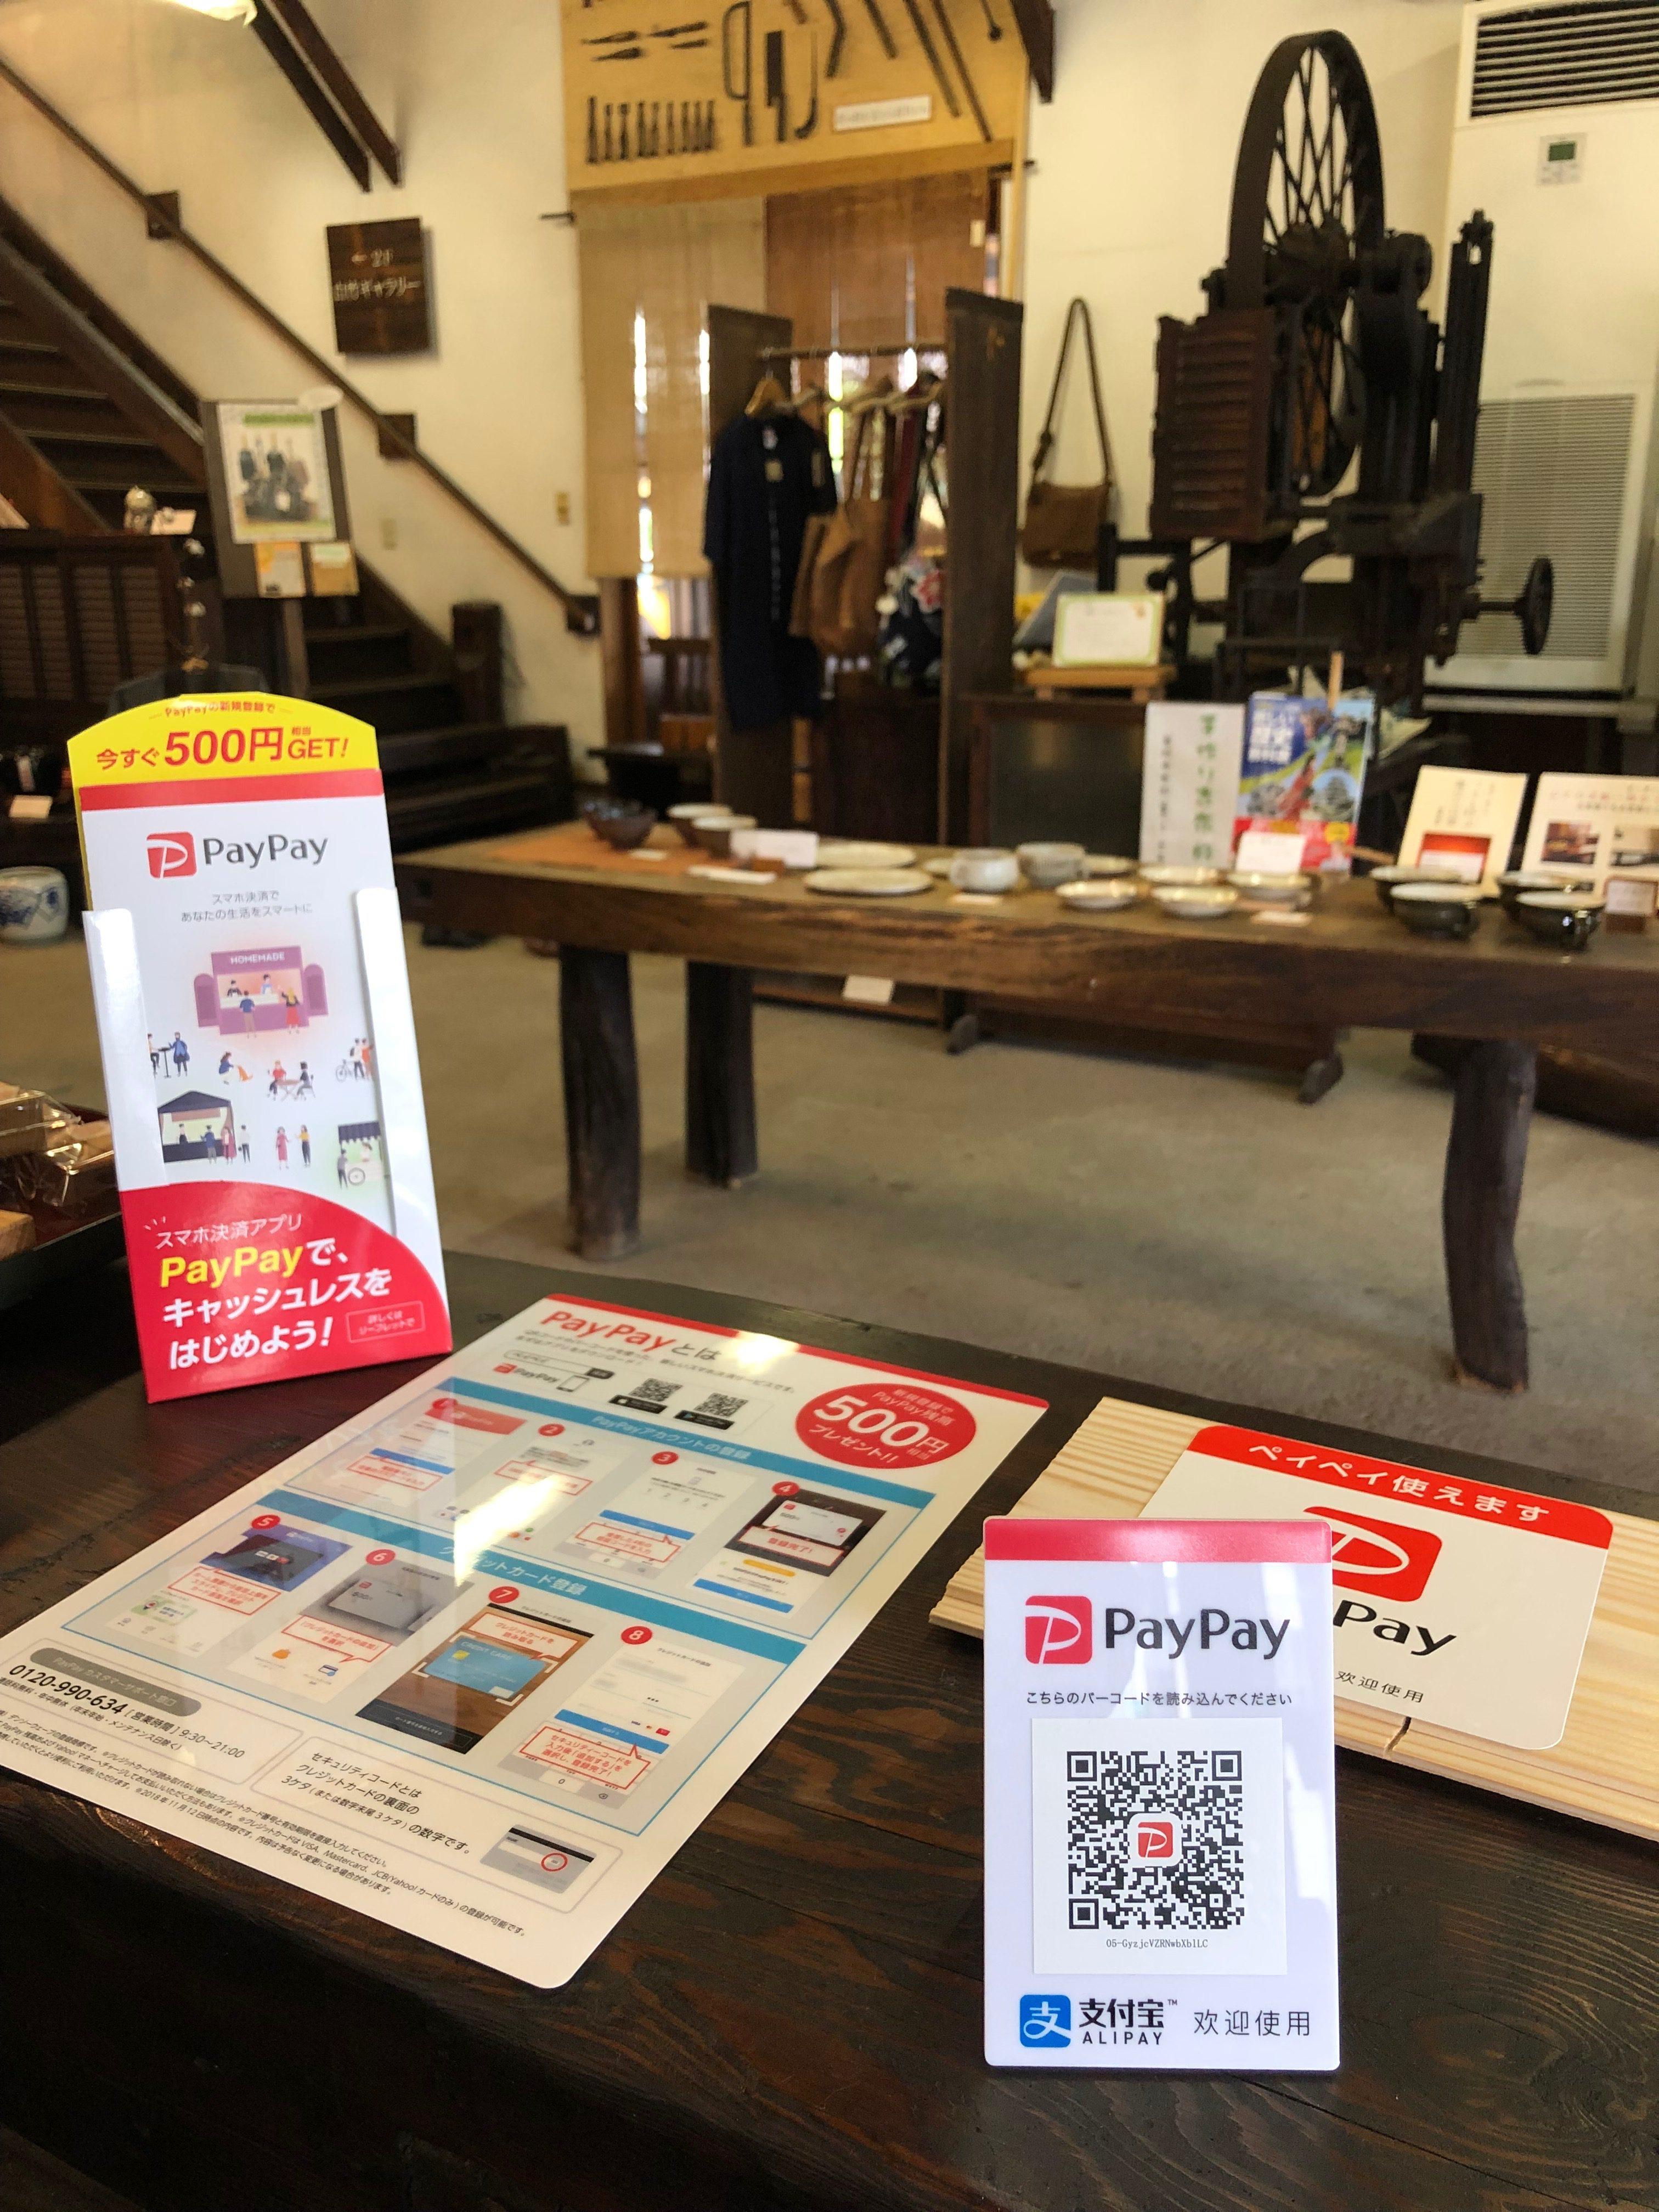 愛知県碧南市の古材家具ショップにてPayPayでのお支払いができるようになりました。